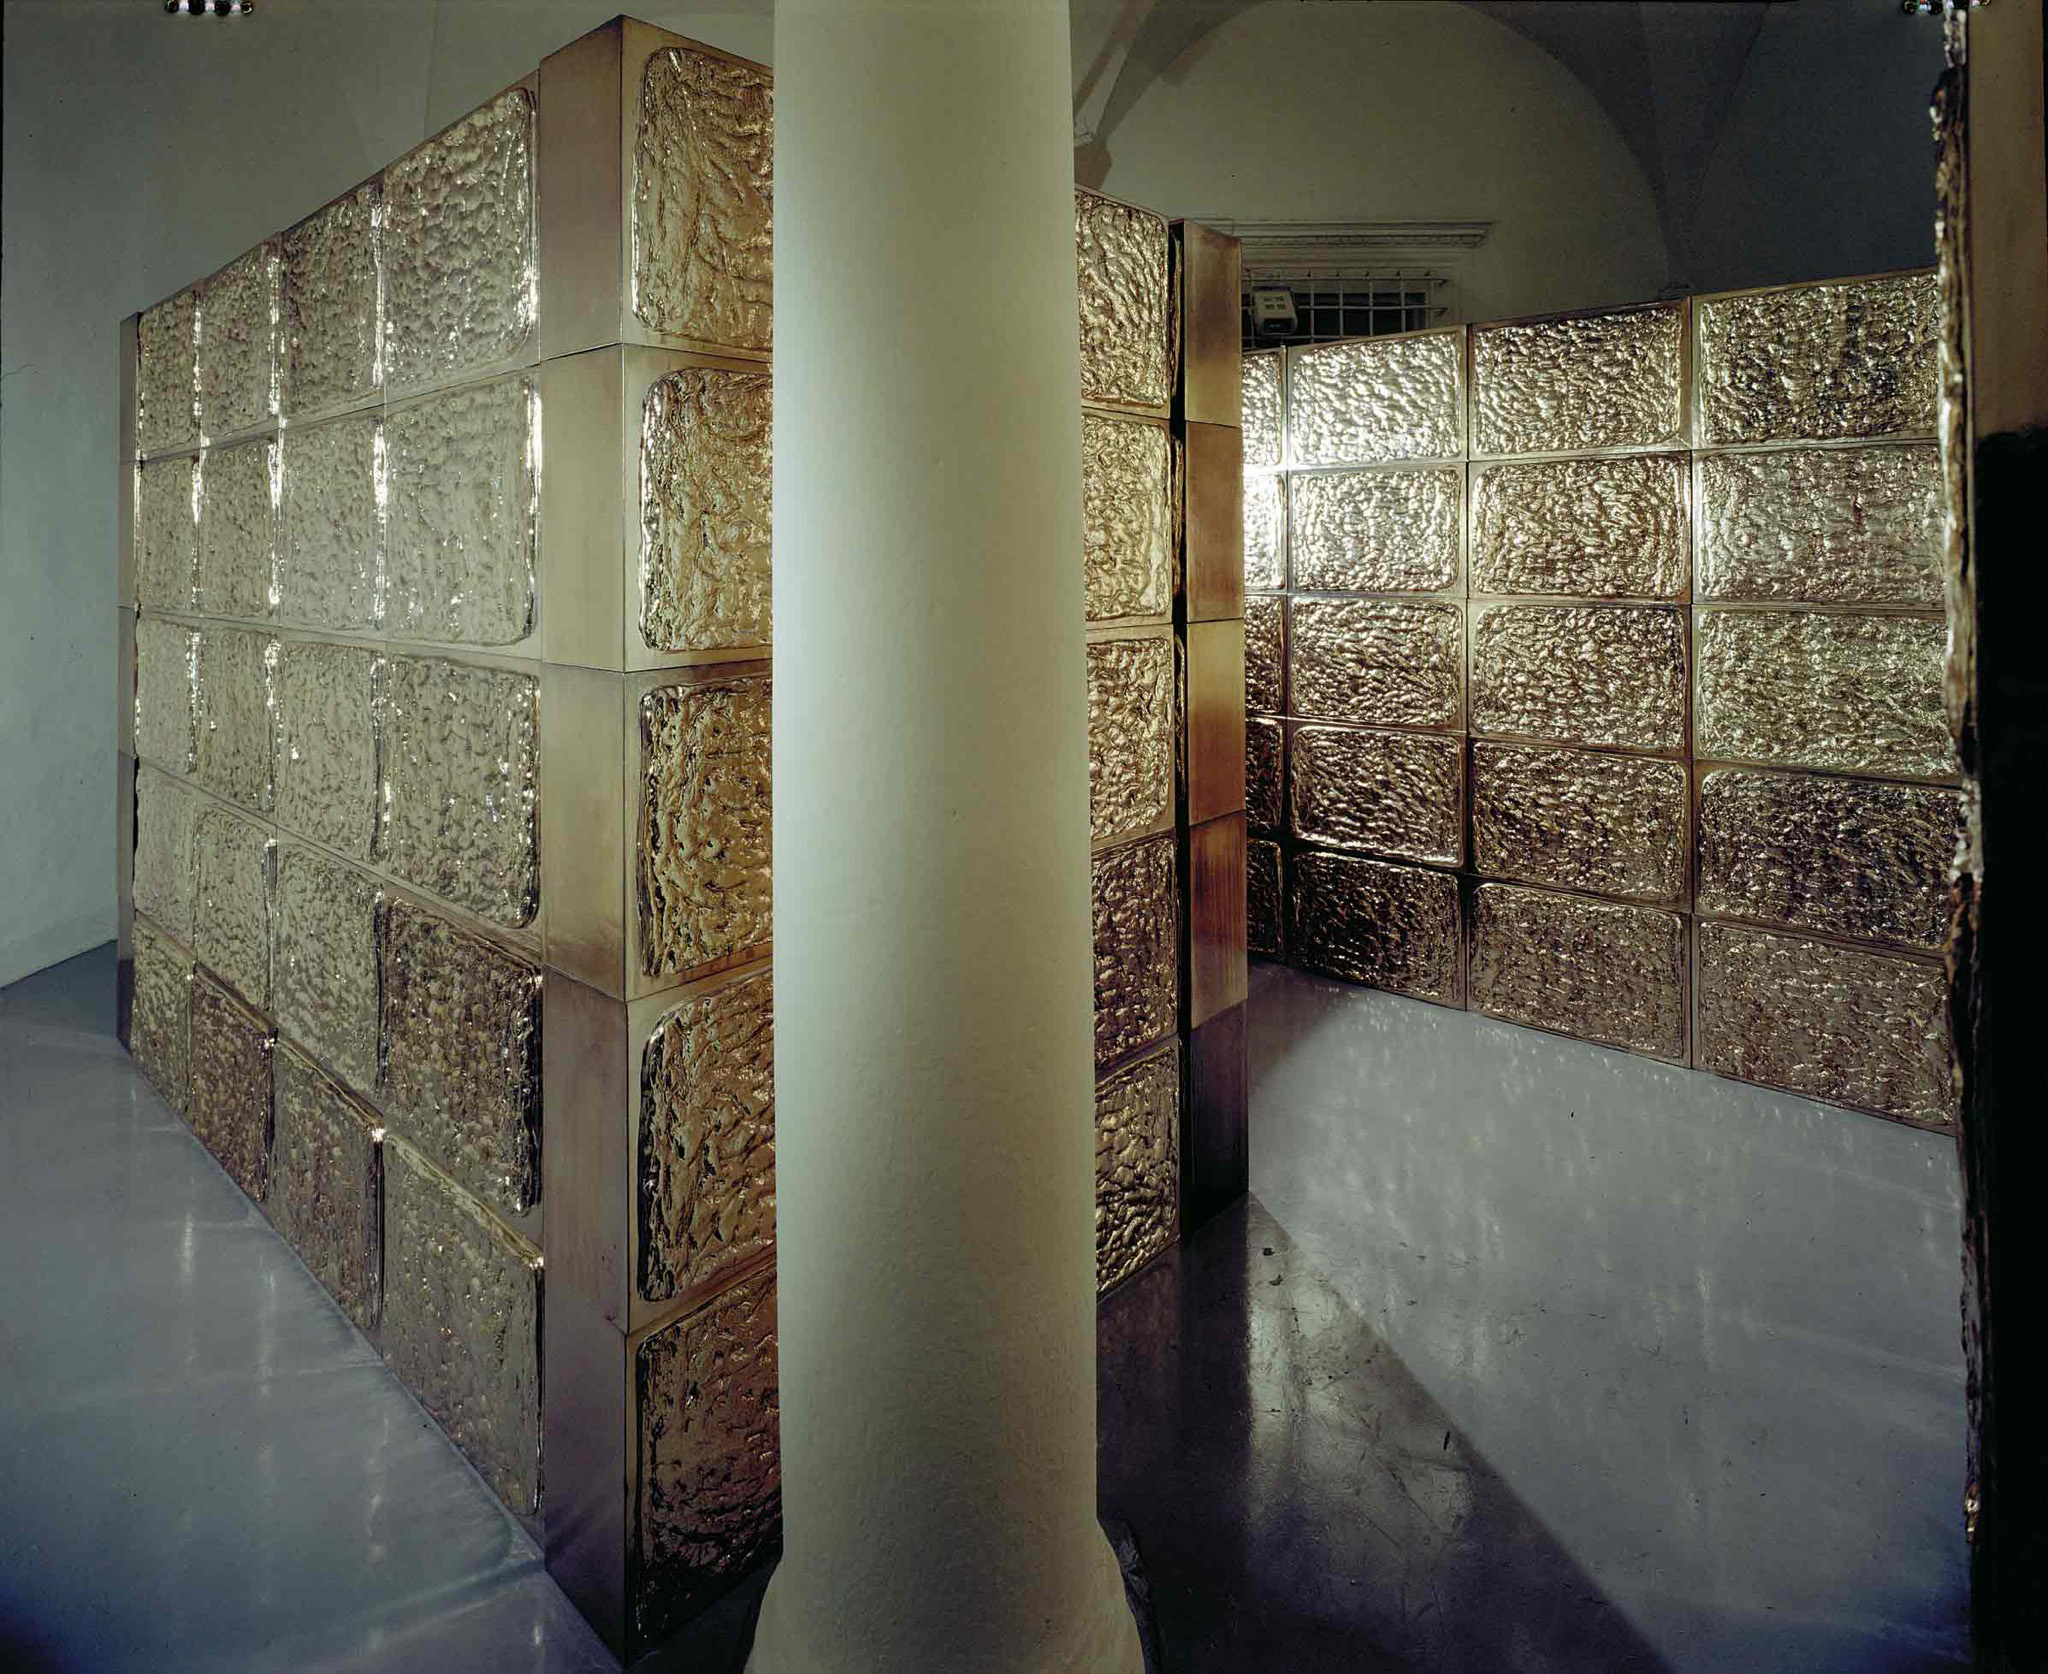 Michele Chiossi Il labirinto, 2001  HDR, cromatura focaccia modulo cromatura riflessione fame nel mondo installazione architettura componibile scultura percorribile